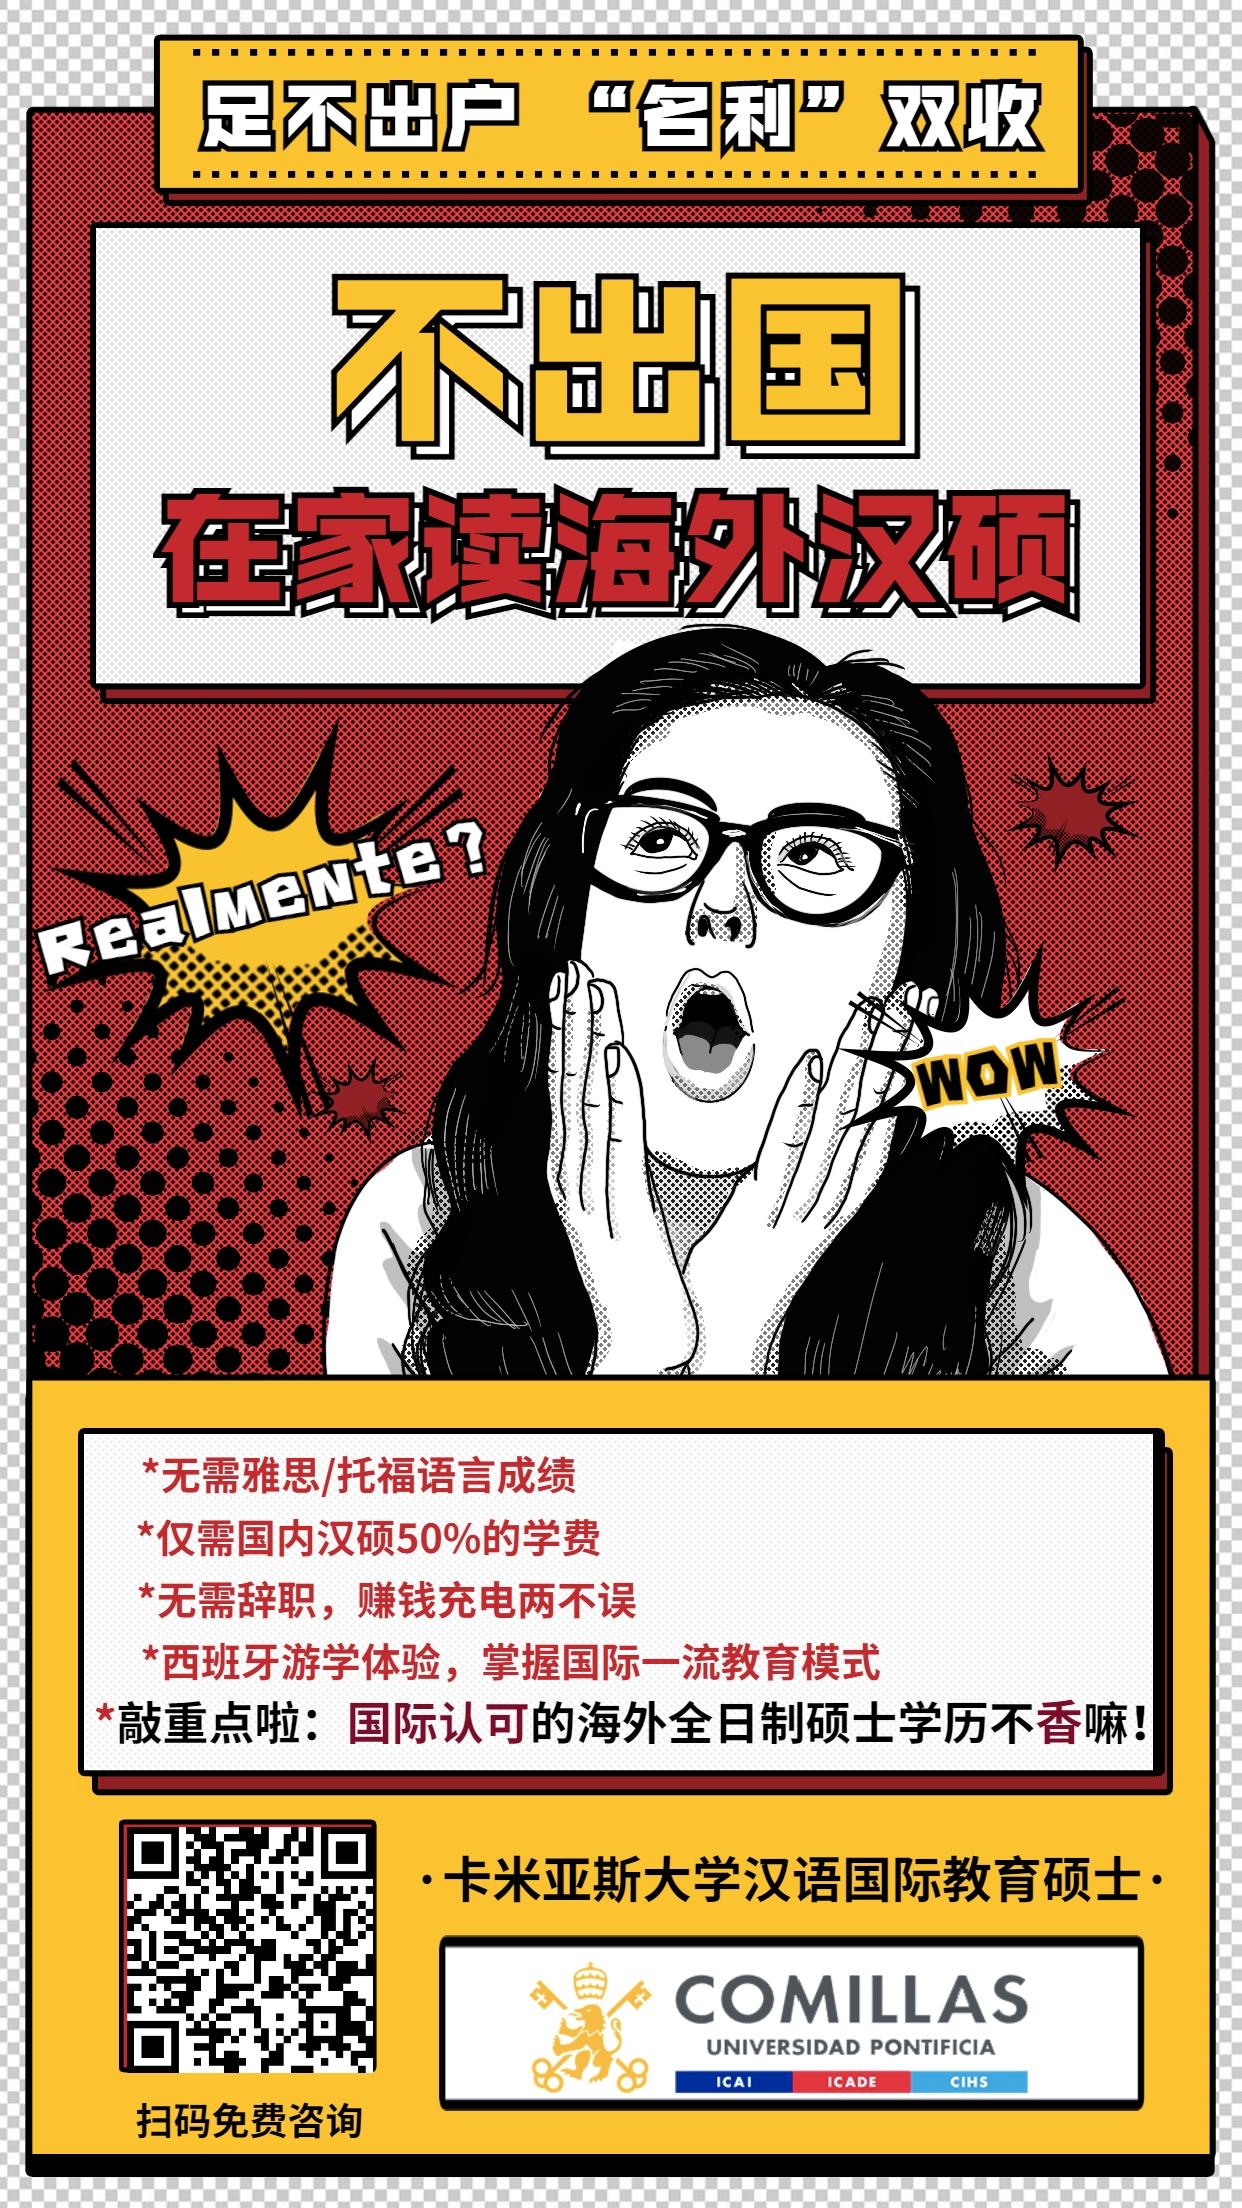 2021COMILLAS线上海报-媒体部(1).jpg